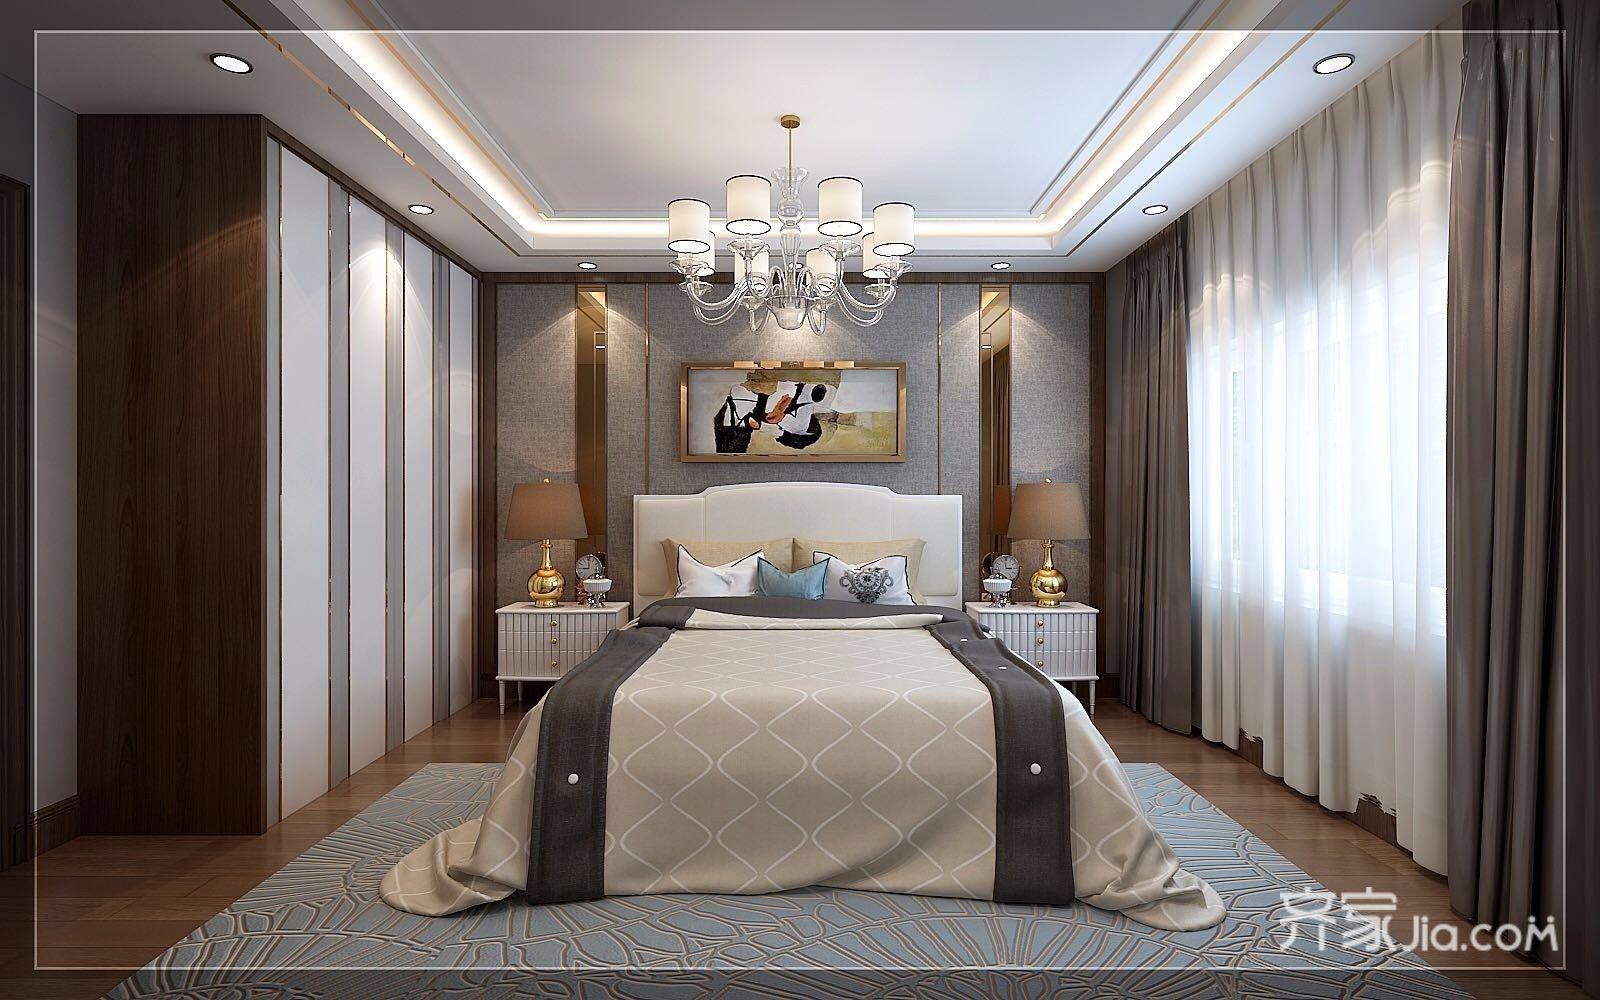 现代奢华复式三居卧室装修效果图